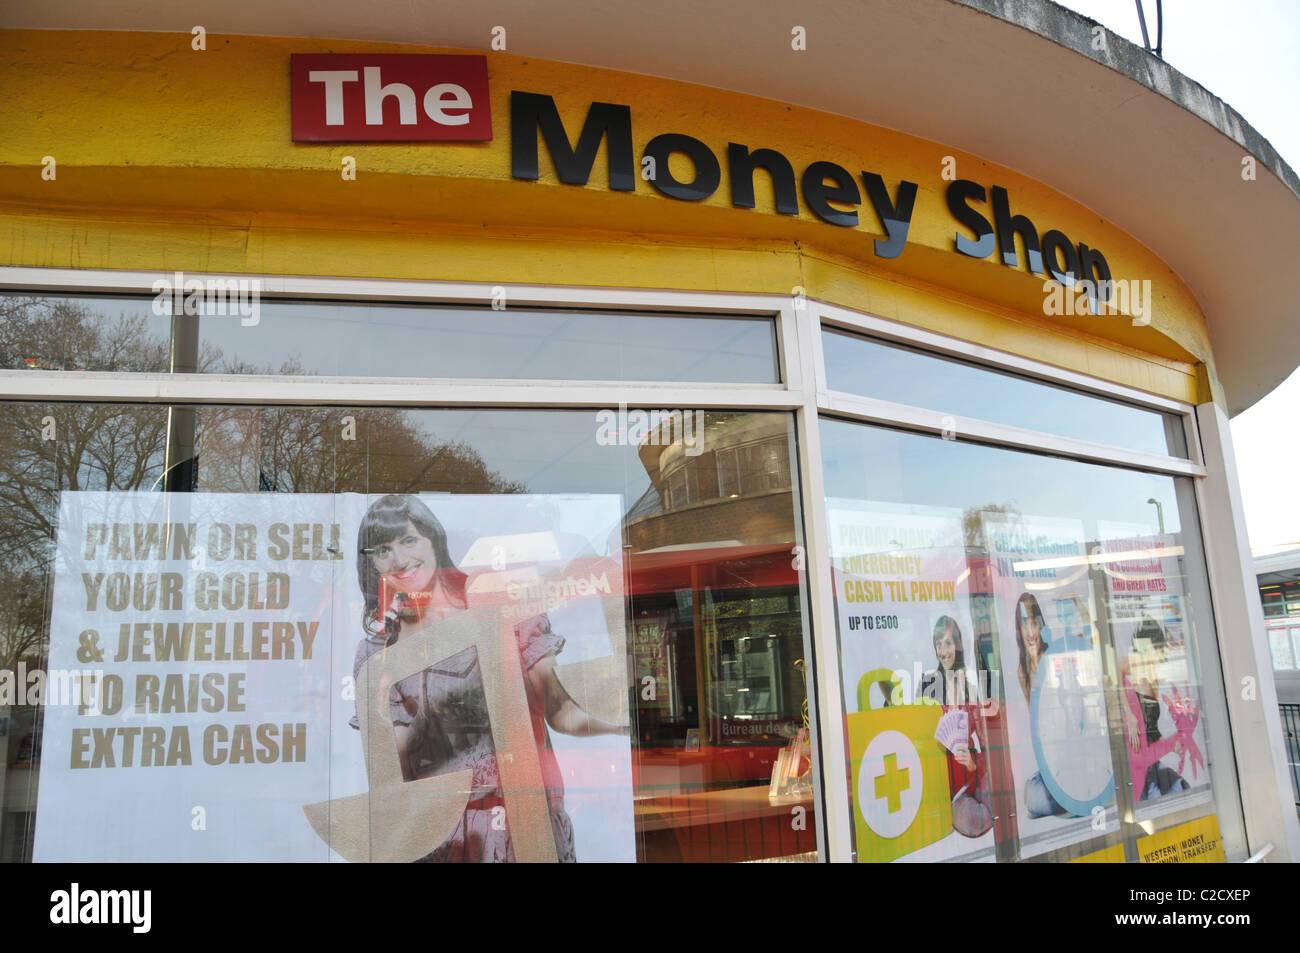 Instant cash loans dublin image 9